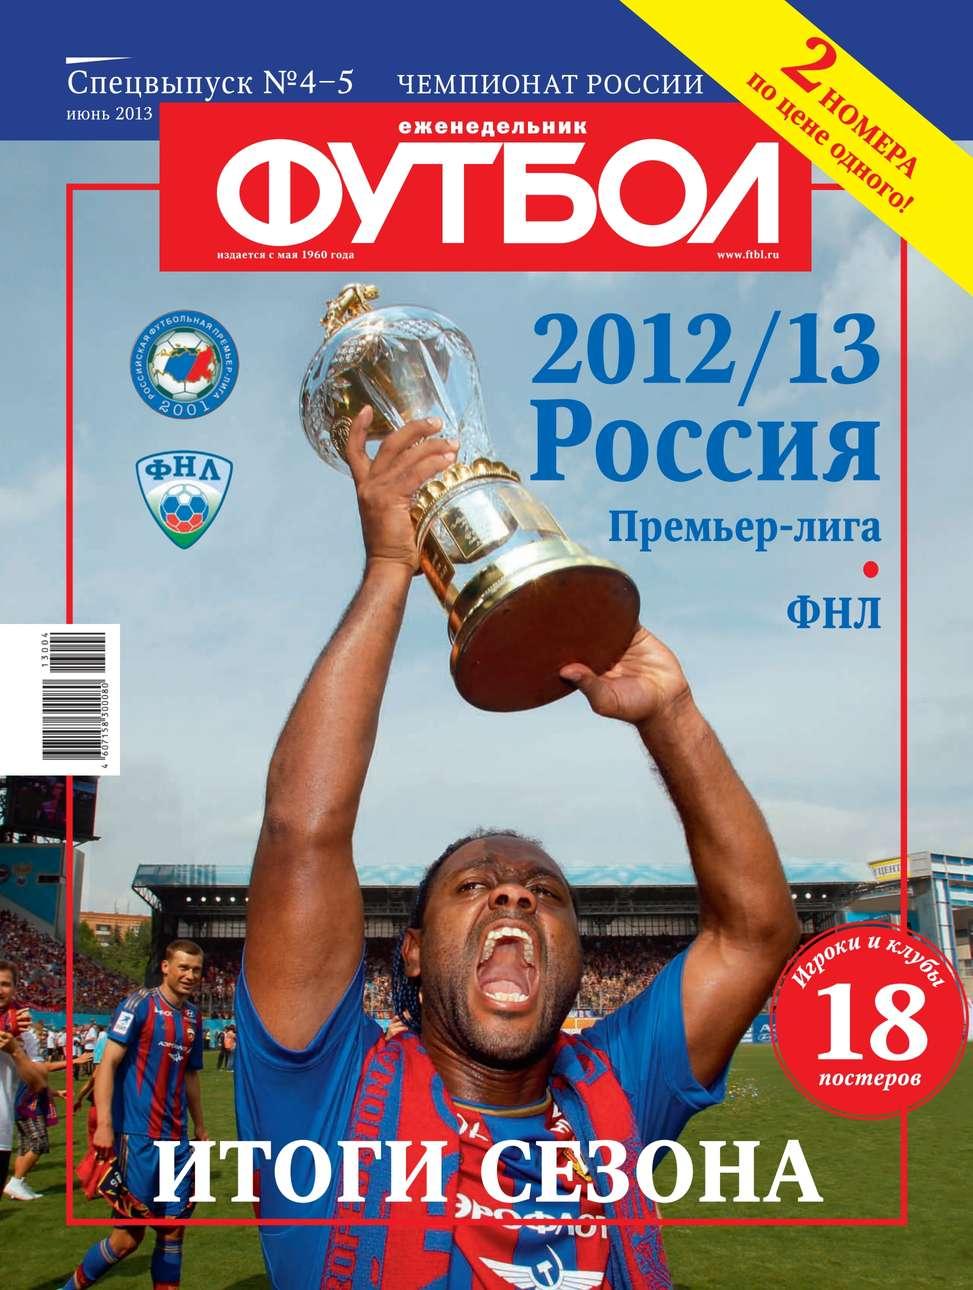 Редакция журнала Футбол Спецвыпуск Футбол Спецвыпуск 04-05/2013